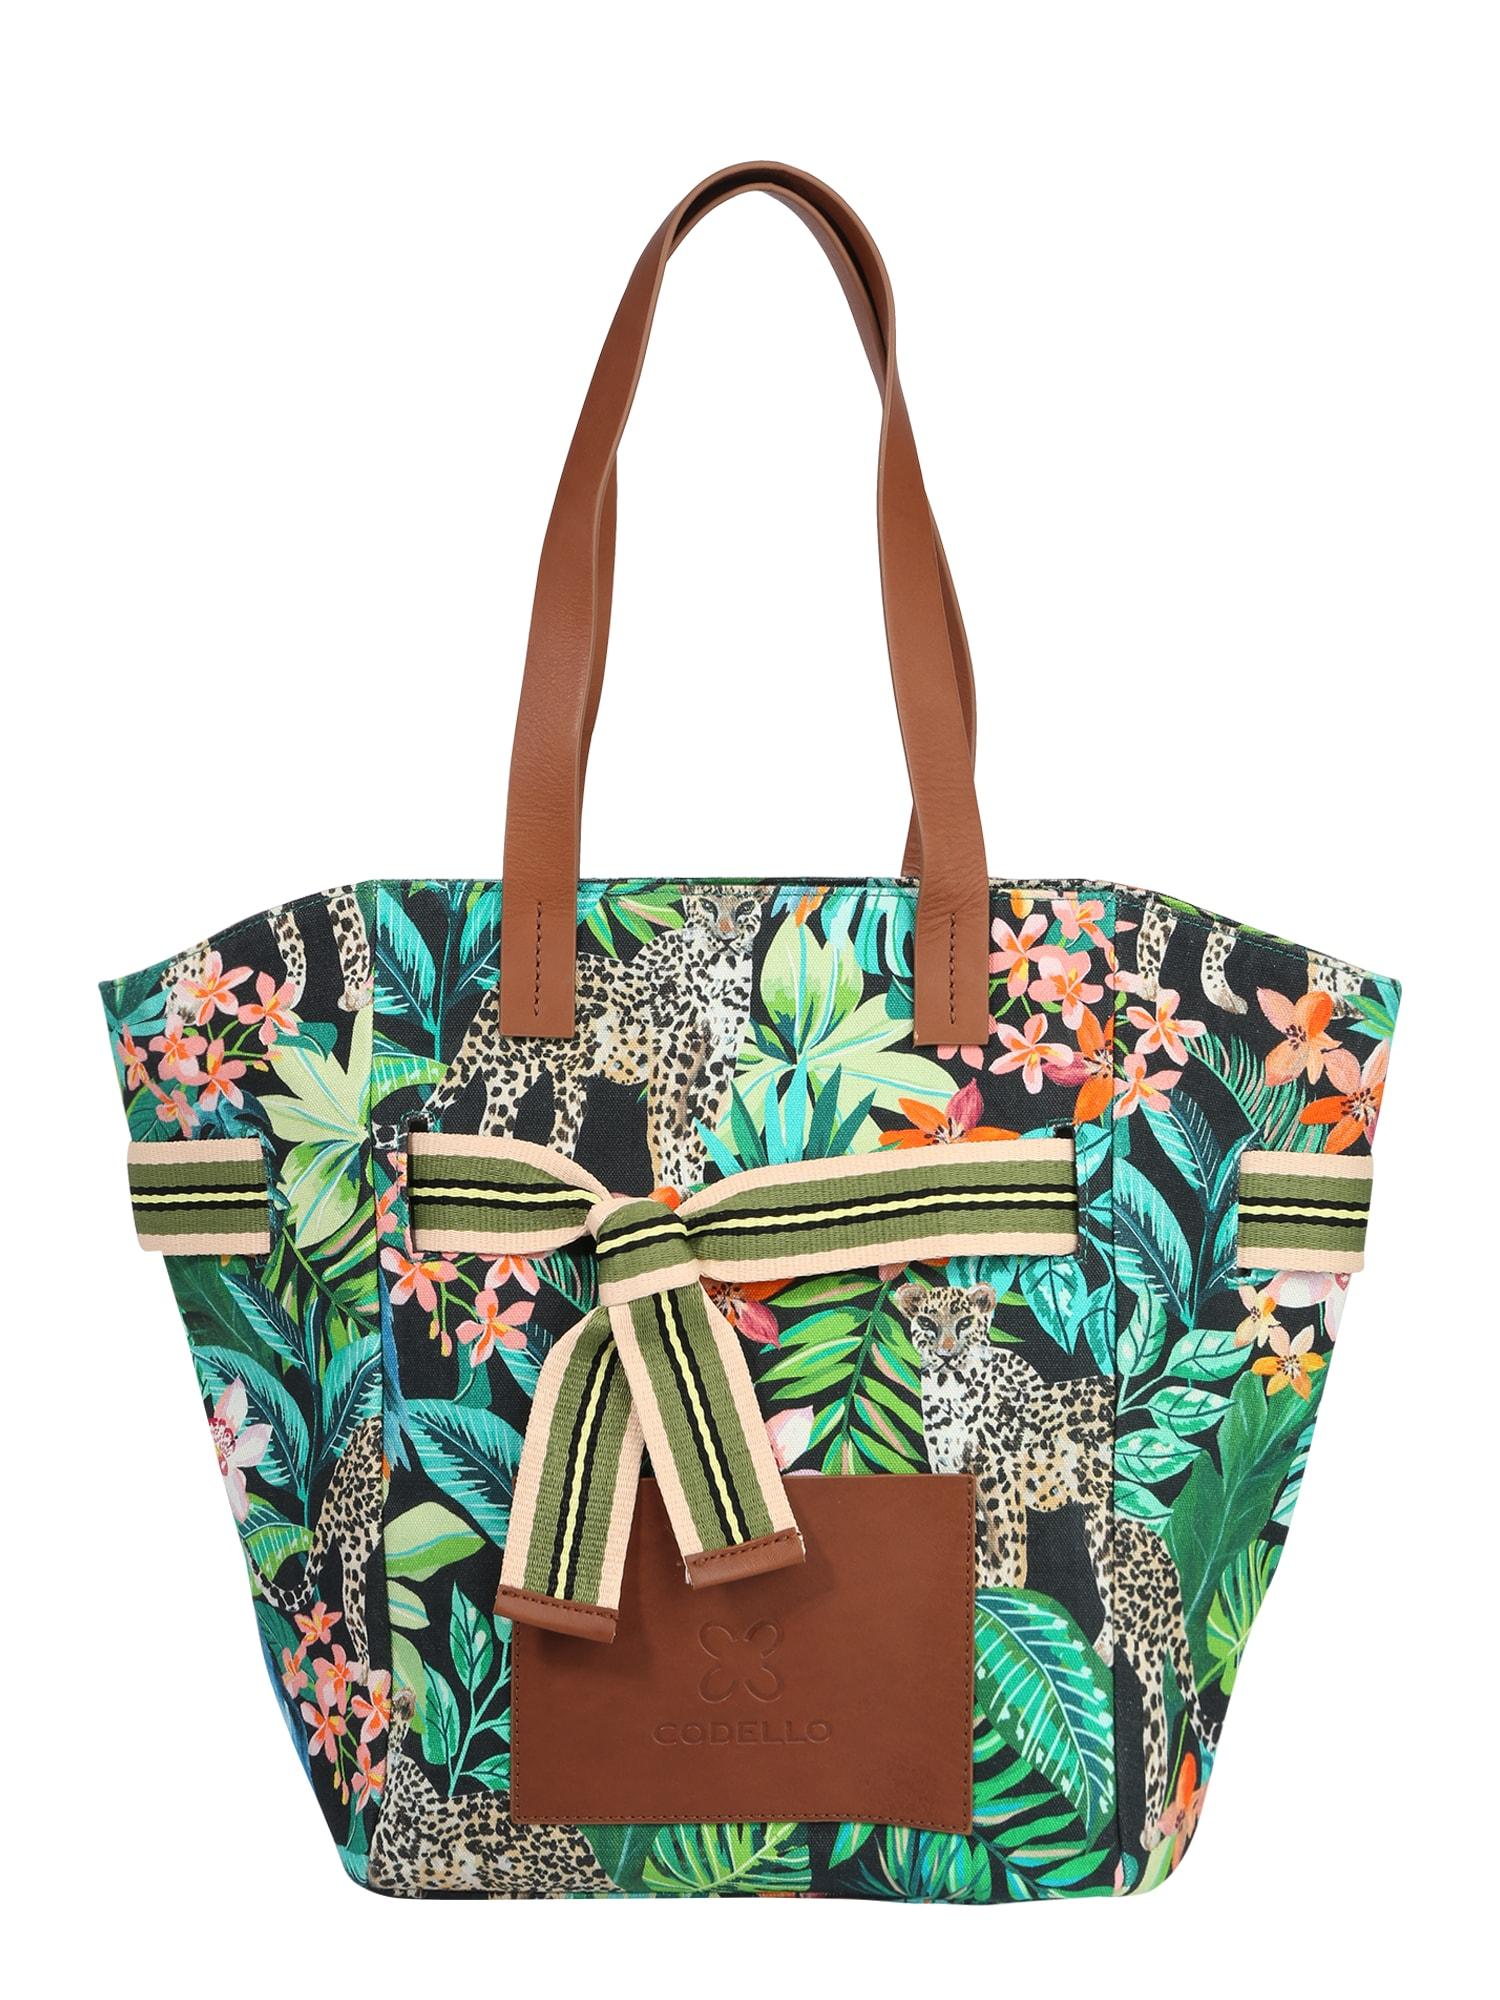 CODELLO Pirkinių krepšys žalia / turkio spalva / juoda / pastelinė žalia / tamsiai žalia